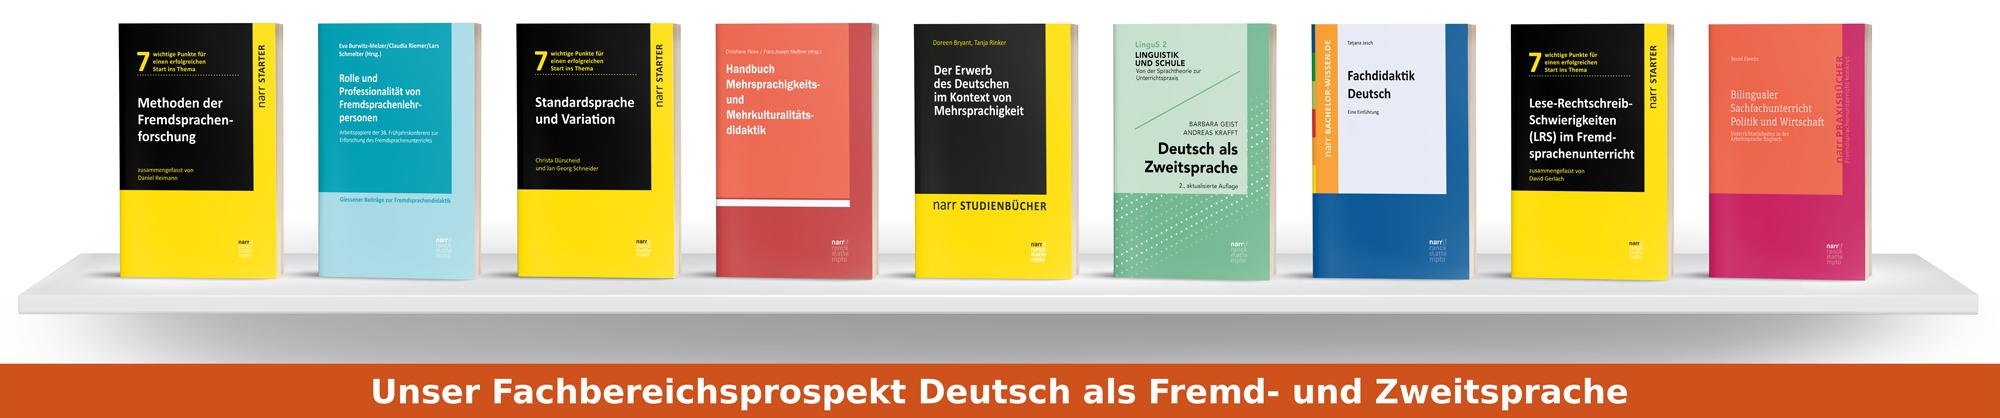 Fachbereichsprospekt Deutsch als Fremdsprache und Deutsch als Zweitsprache